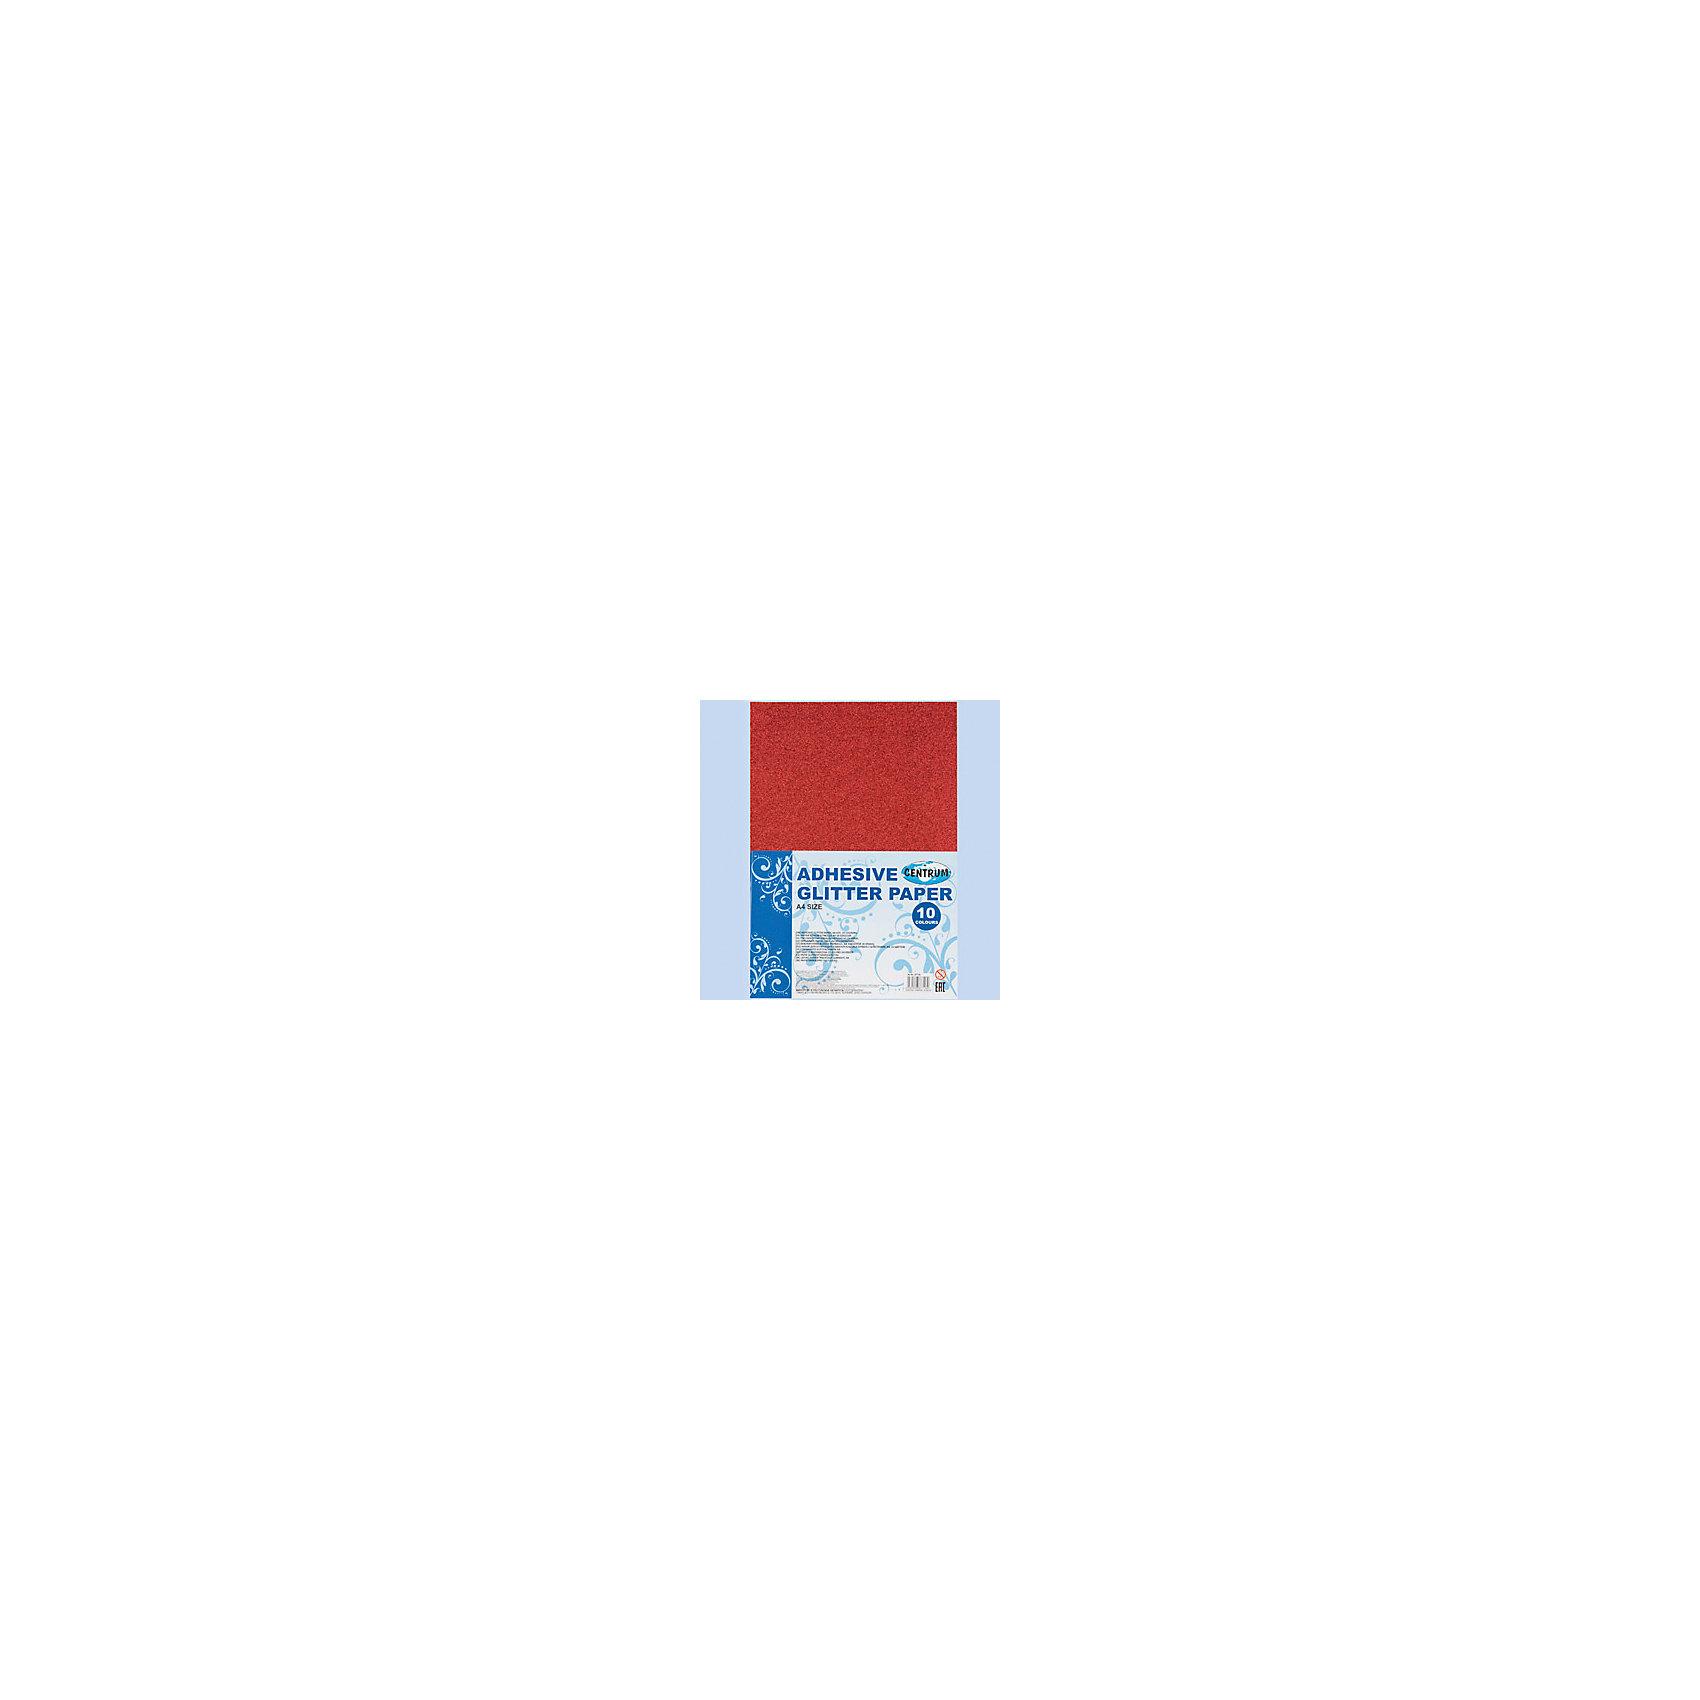 Centrum Набор декоративной бумаги GlITTER А4, 10 цветовАксессуары для творчества<br>Набор декоративной бумаги GlITTER самоклеющаяся с блестками, для детского творчества (аппликации), формат А4, 10 цветов<br><br>Ширина мм: 5<br>Глубина мм: 210<br>Высота мм: 298<br>Вес г: 199<br>Возраст от месяцев: 72<br>Возраст до месяцев: 2147483647<br>Пол: Унисекс<br>Возраст: Детский<br>SKU: 6846764